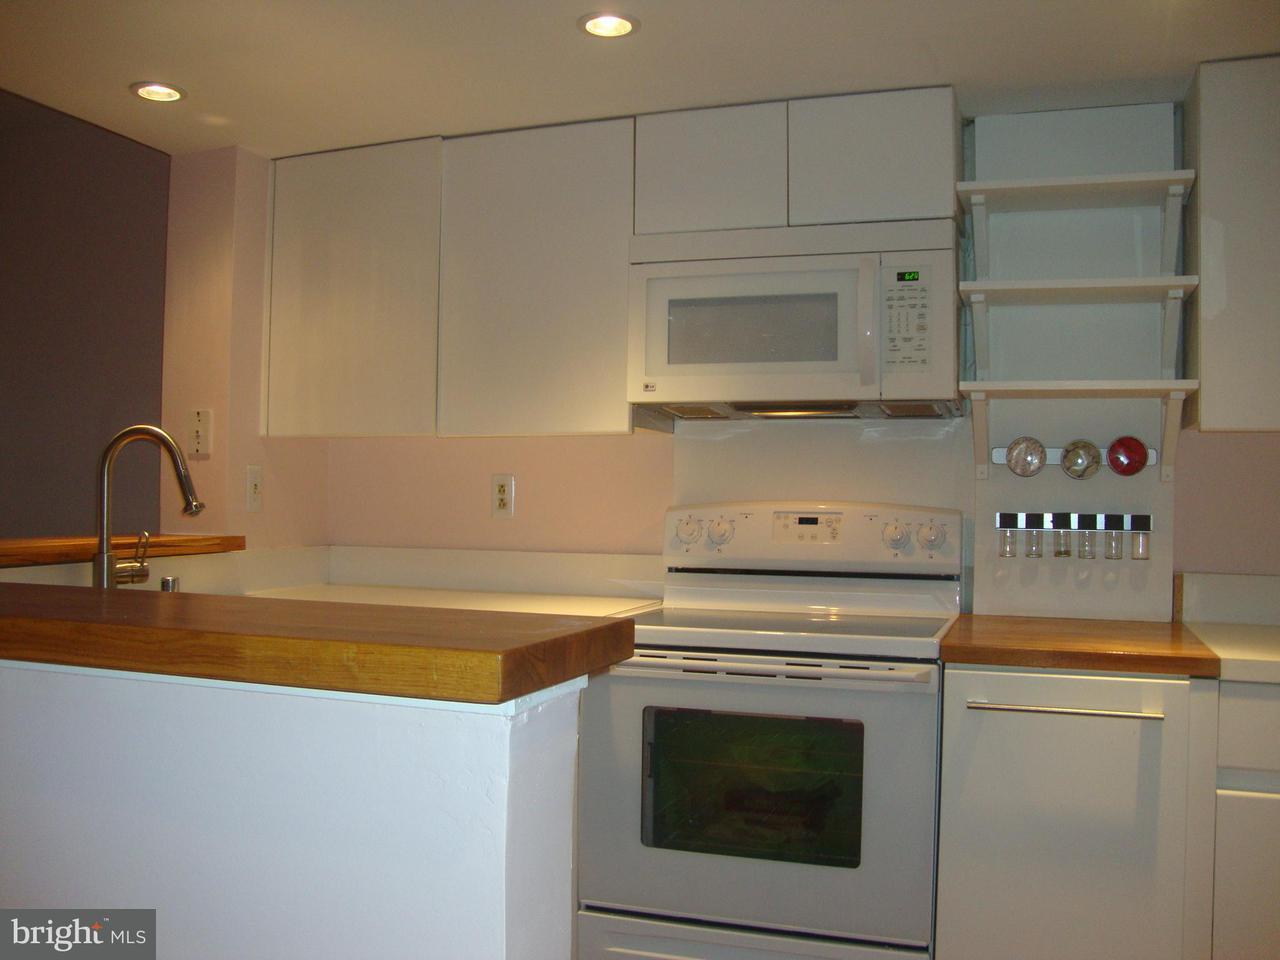 Additional photo for property listing at 701 Pennsylvania Ave Nw #1205 701 Pennsylvania Ave Nw #1205 Washington, Distrito De Columbia 20004 Estados Unidos